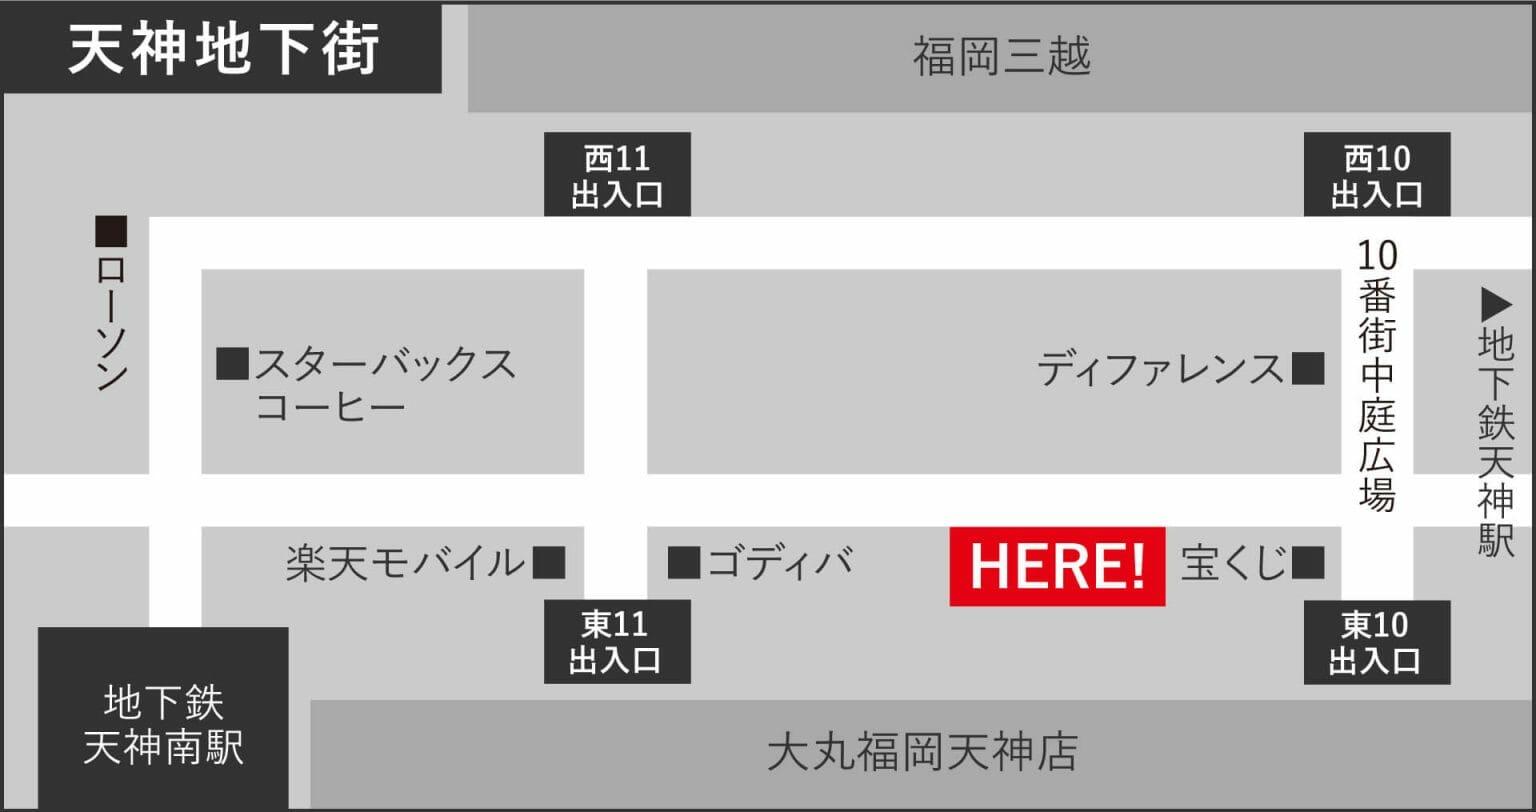 天神店MAP